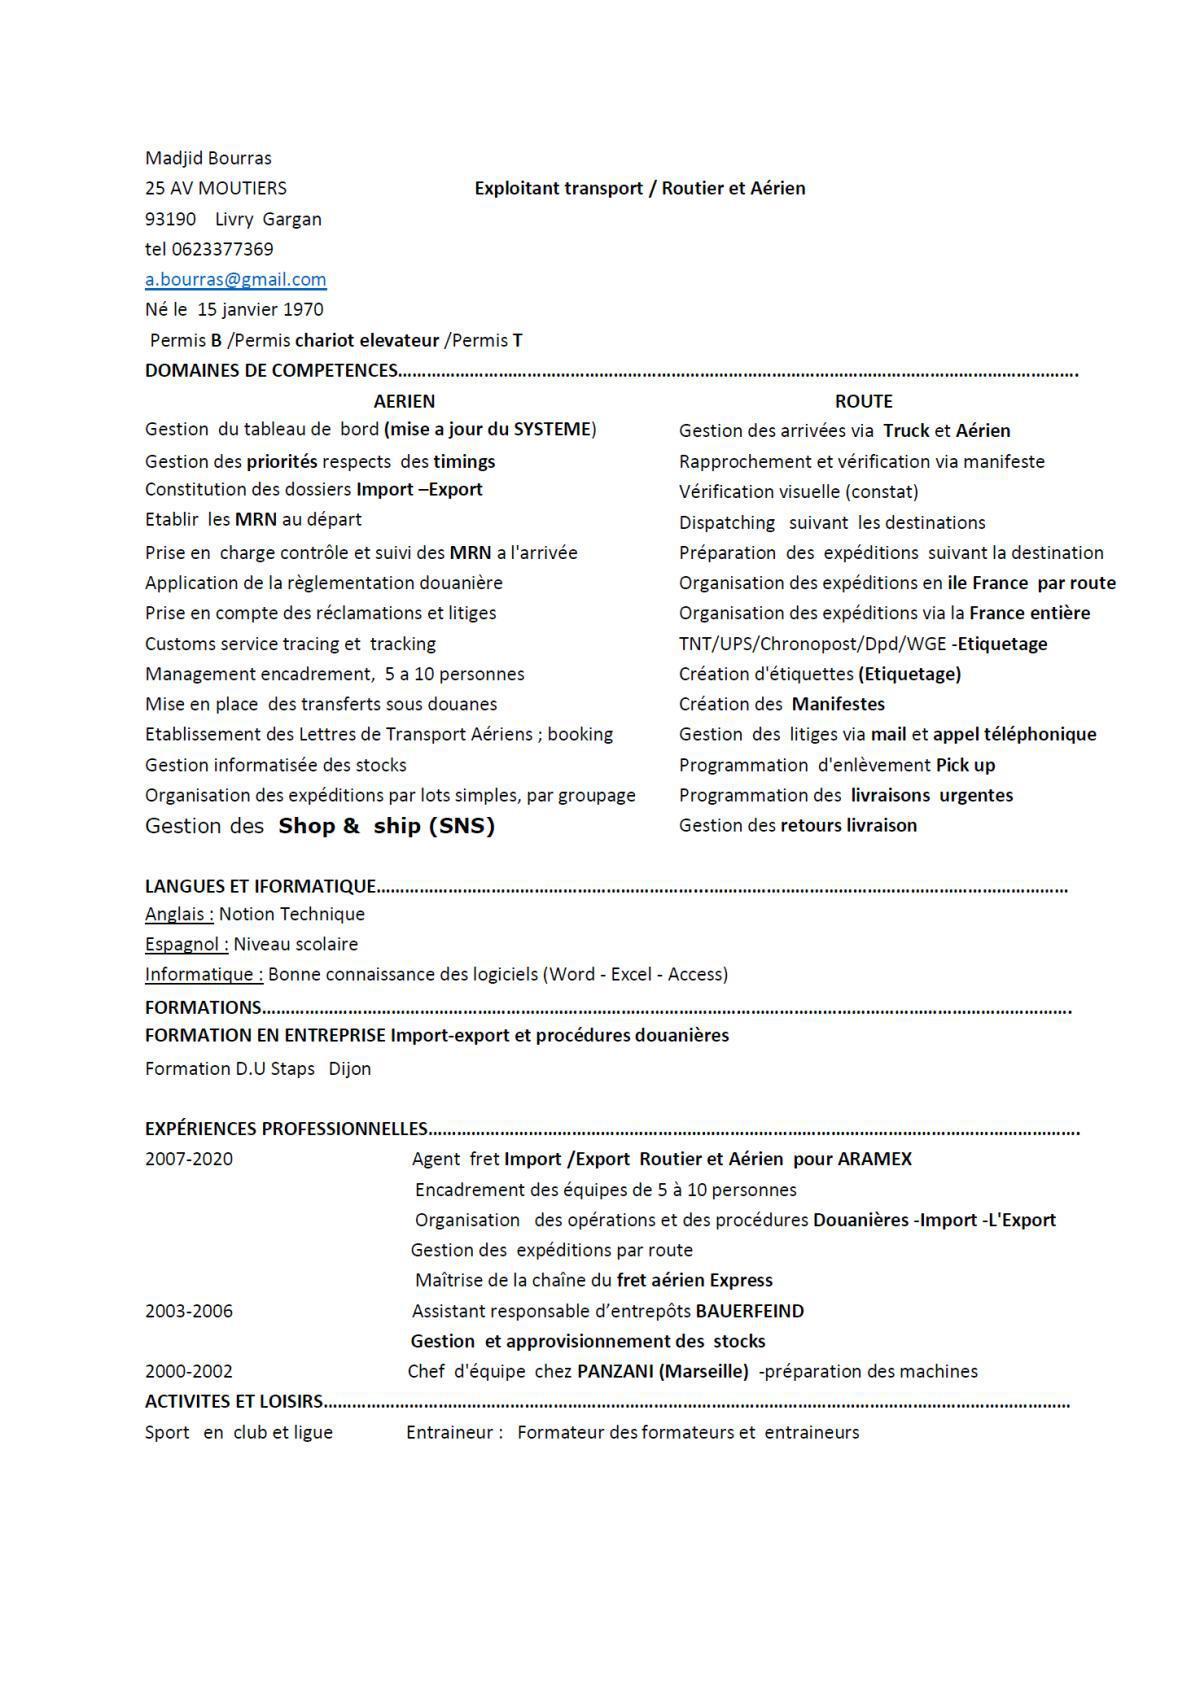 Recherche emploi - AGENT EN LOGISTIQUE - fret Import /Export Routier et Aérien